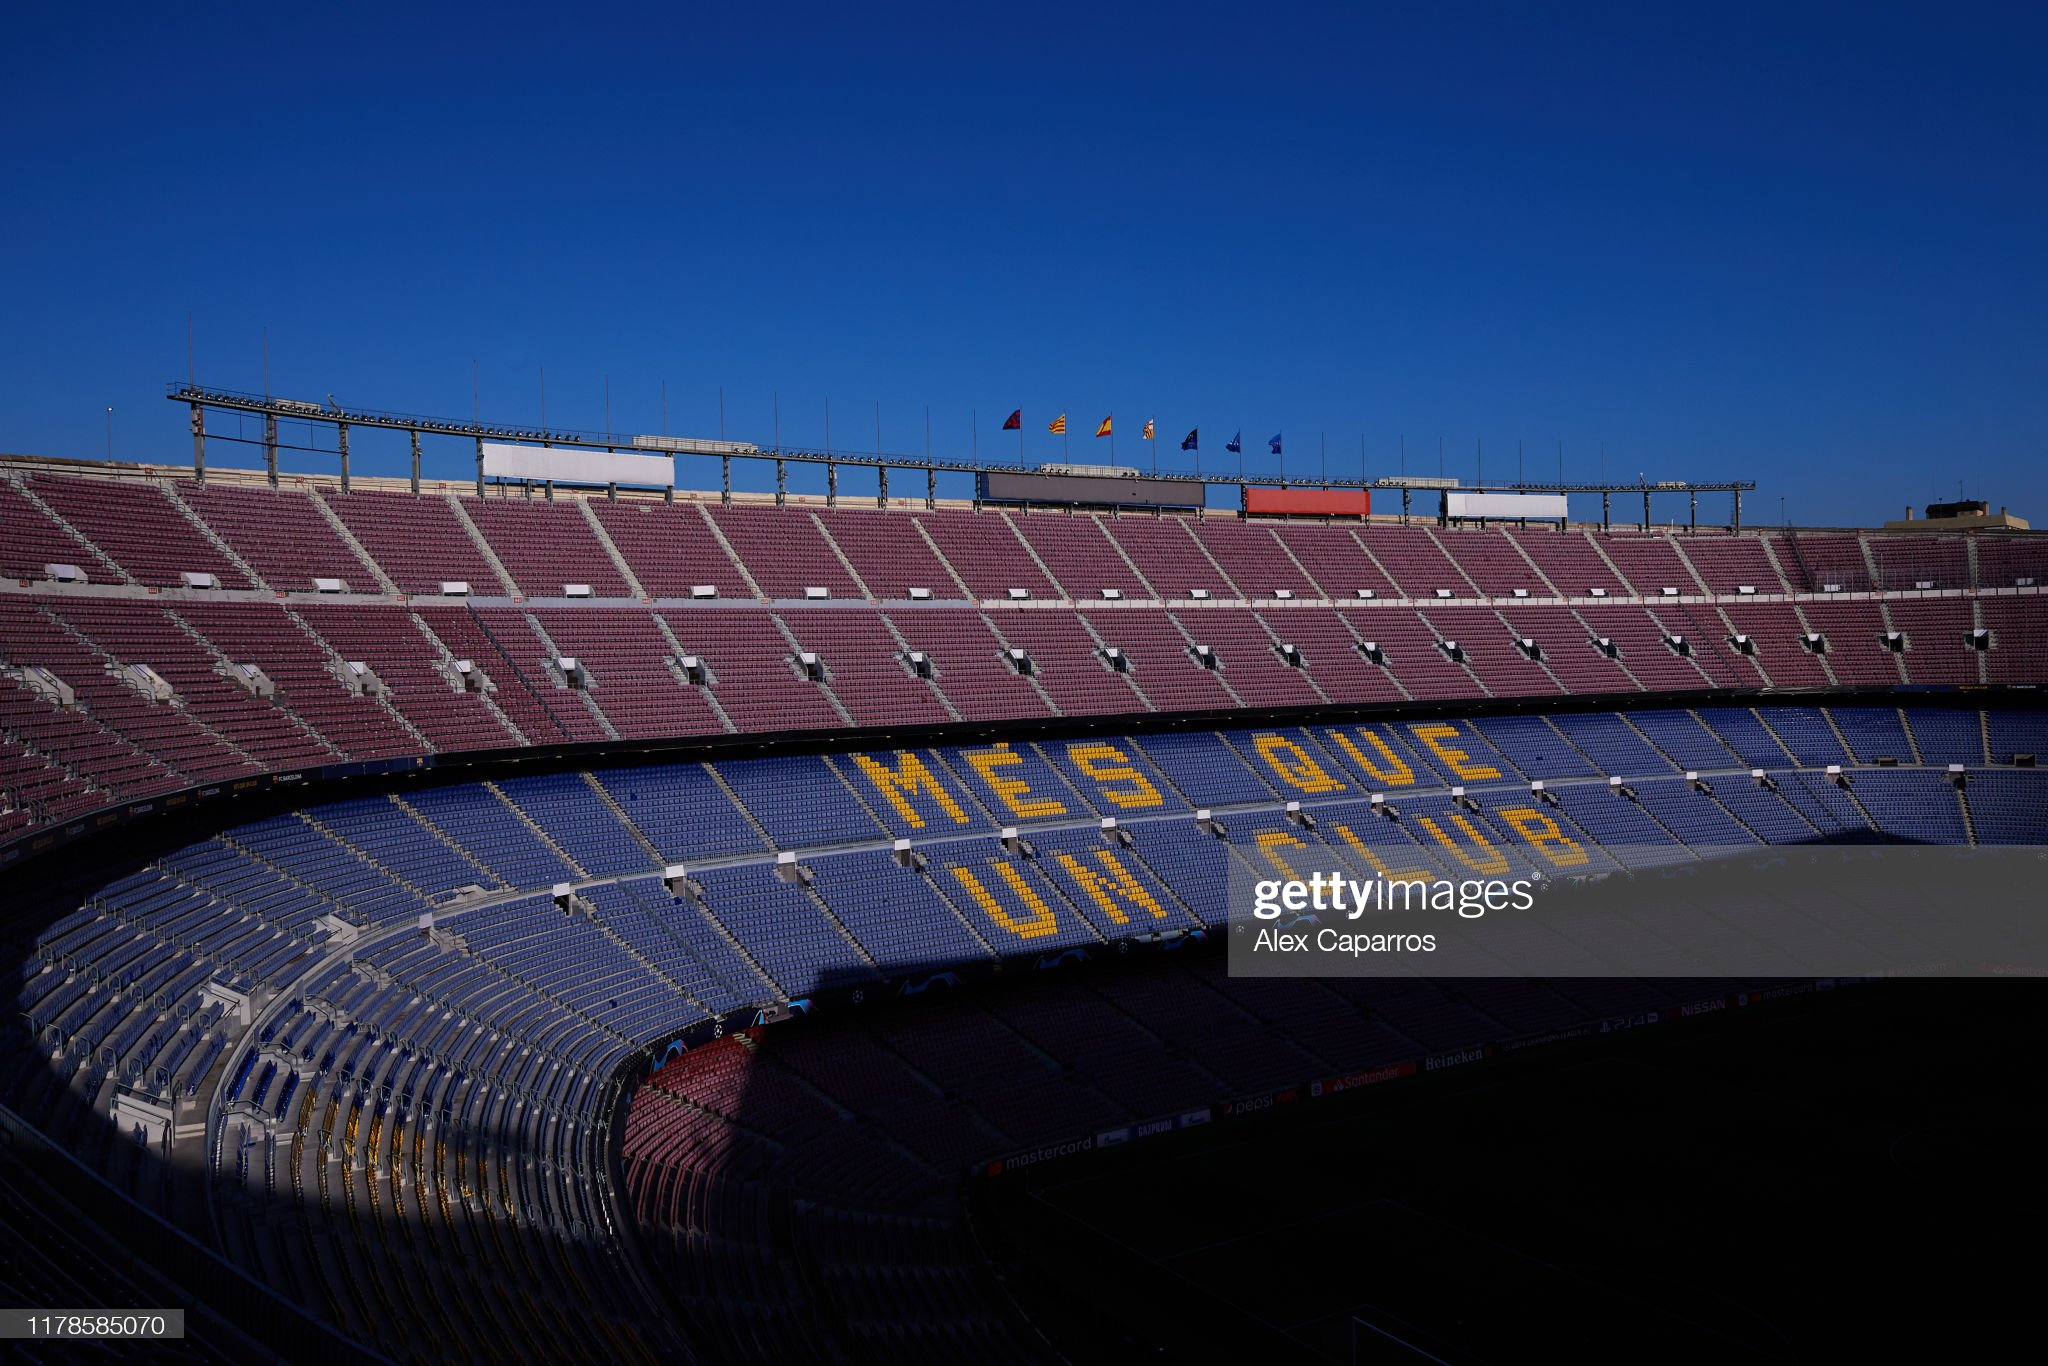 صور مباراة : برشلونة - إنتر 2-1 ( 02-10-2019 )  An-inside-view-of-the-camp-nou-stadium-ahead-of-the-uefa-champions-picture-id1178585070?s=2048x2048